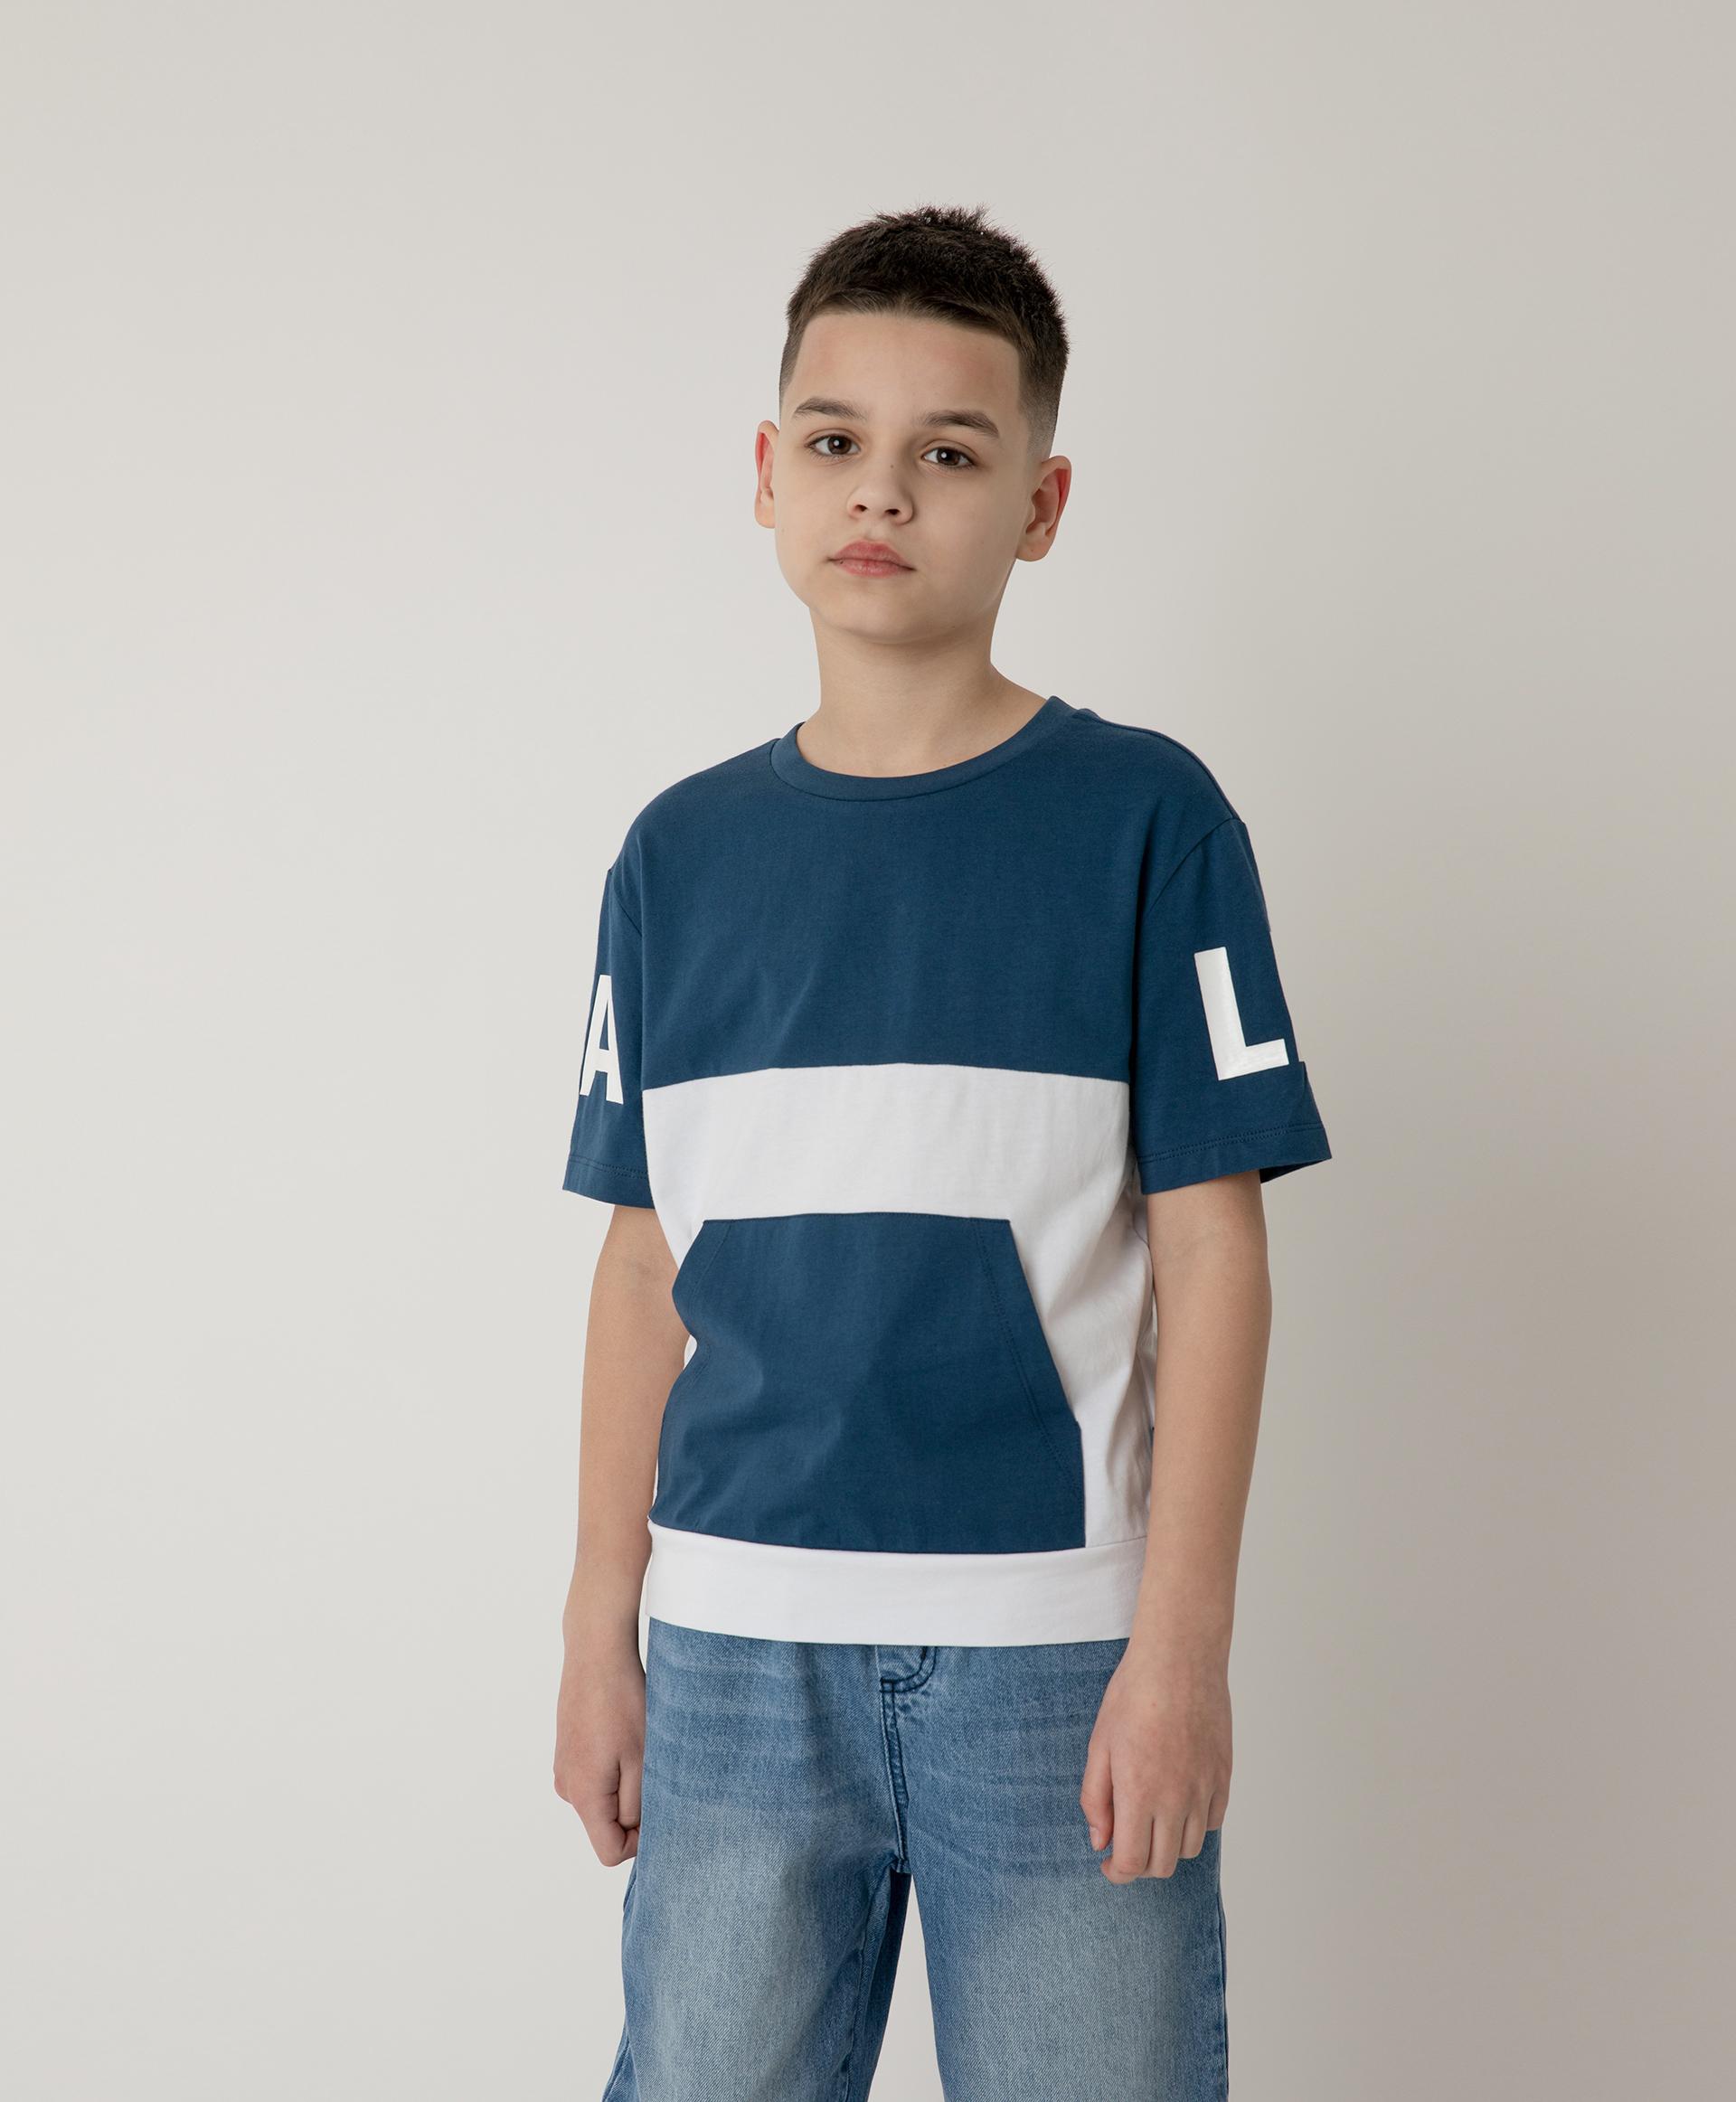 Купить 12112BJC1218, Футболка сине-белая с карманом Gulliver, мультицвет, 158, Хлопок, Мужской, Лето, ВЕСНА/ЛЕТО 2021 (shop: GulliverMarket Gulliver Market)